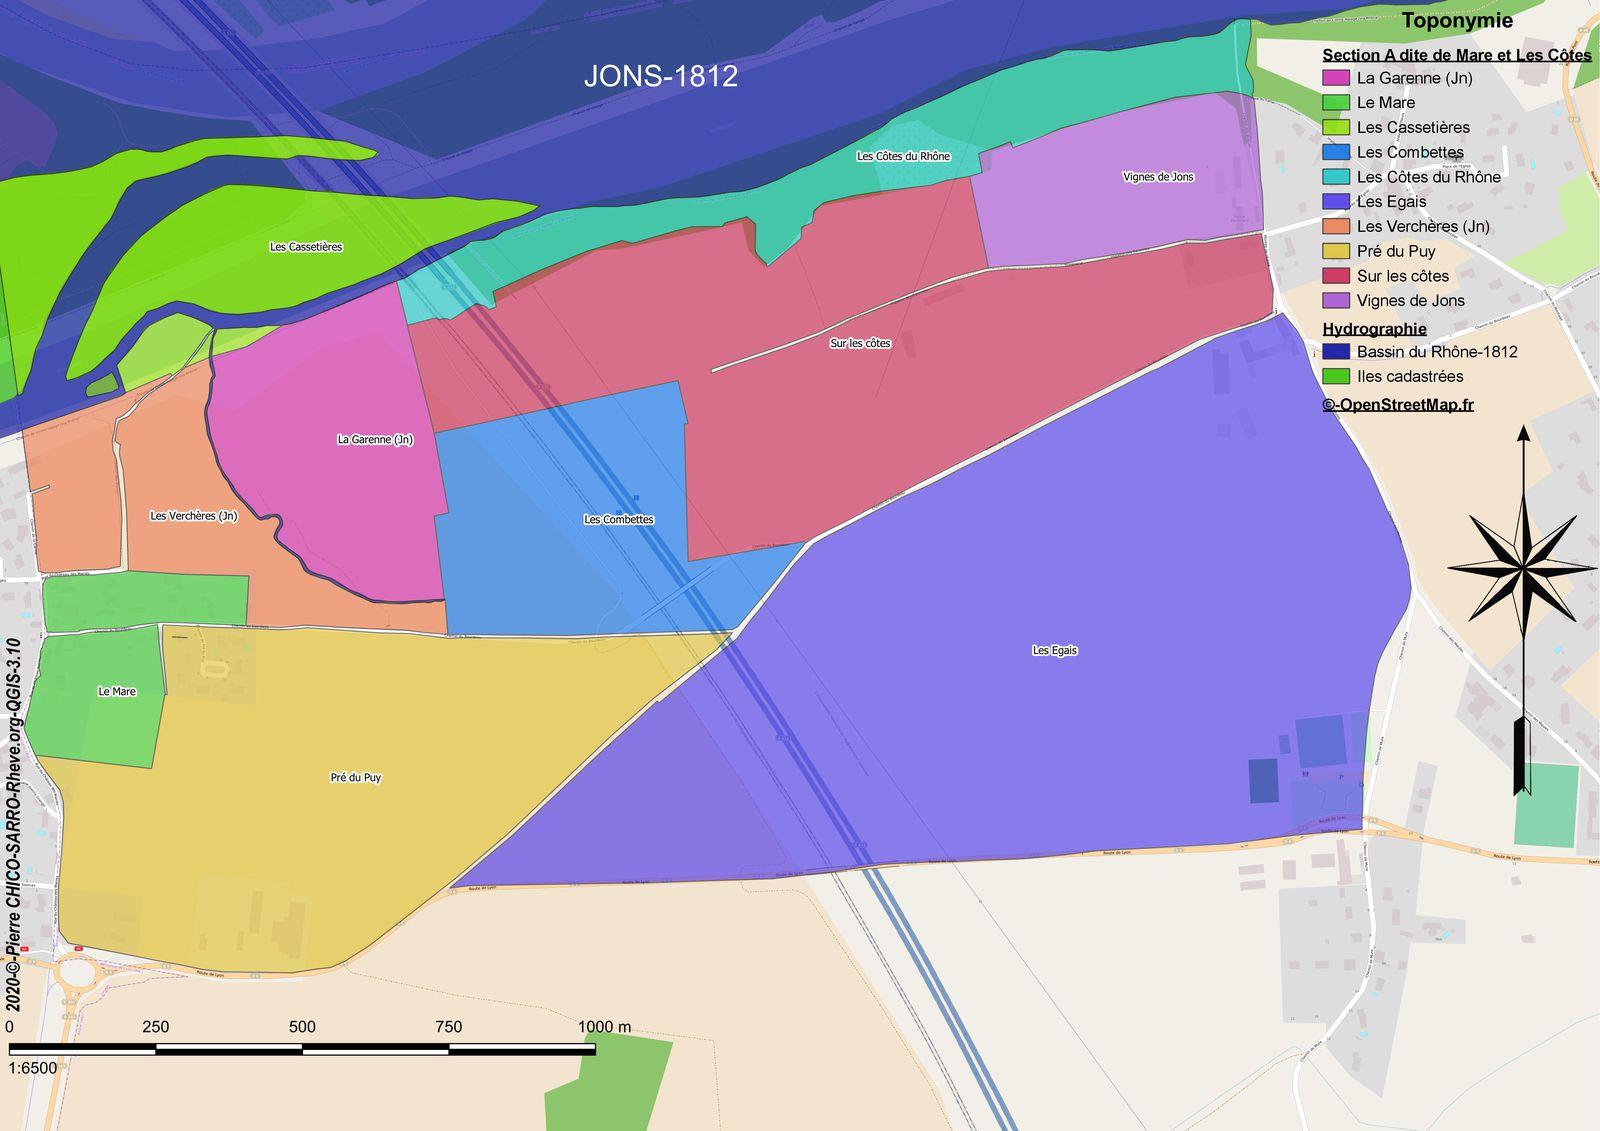 Distribution des toponymes de la section A dite de Mare et les Côtes à Jons en 1812